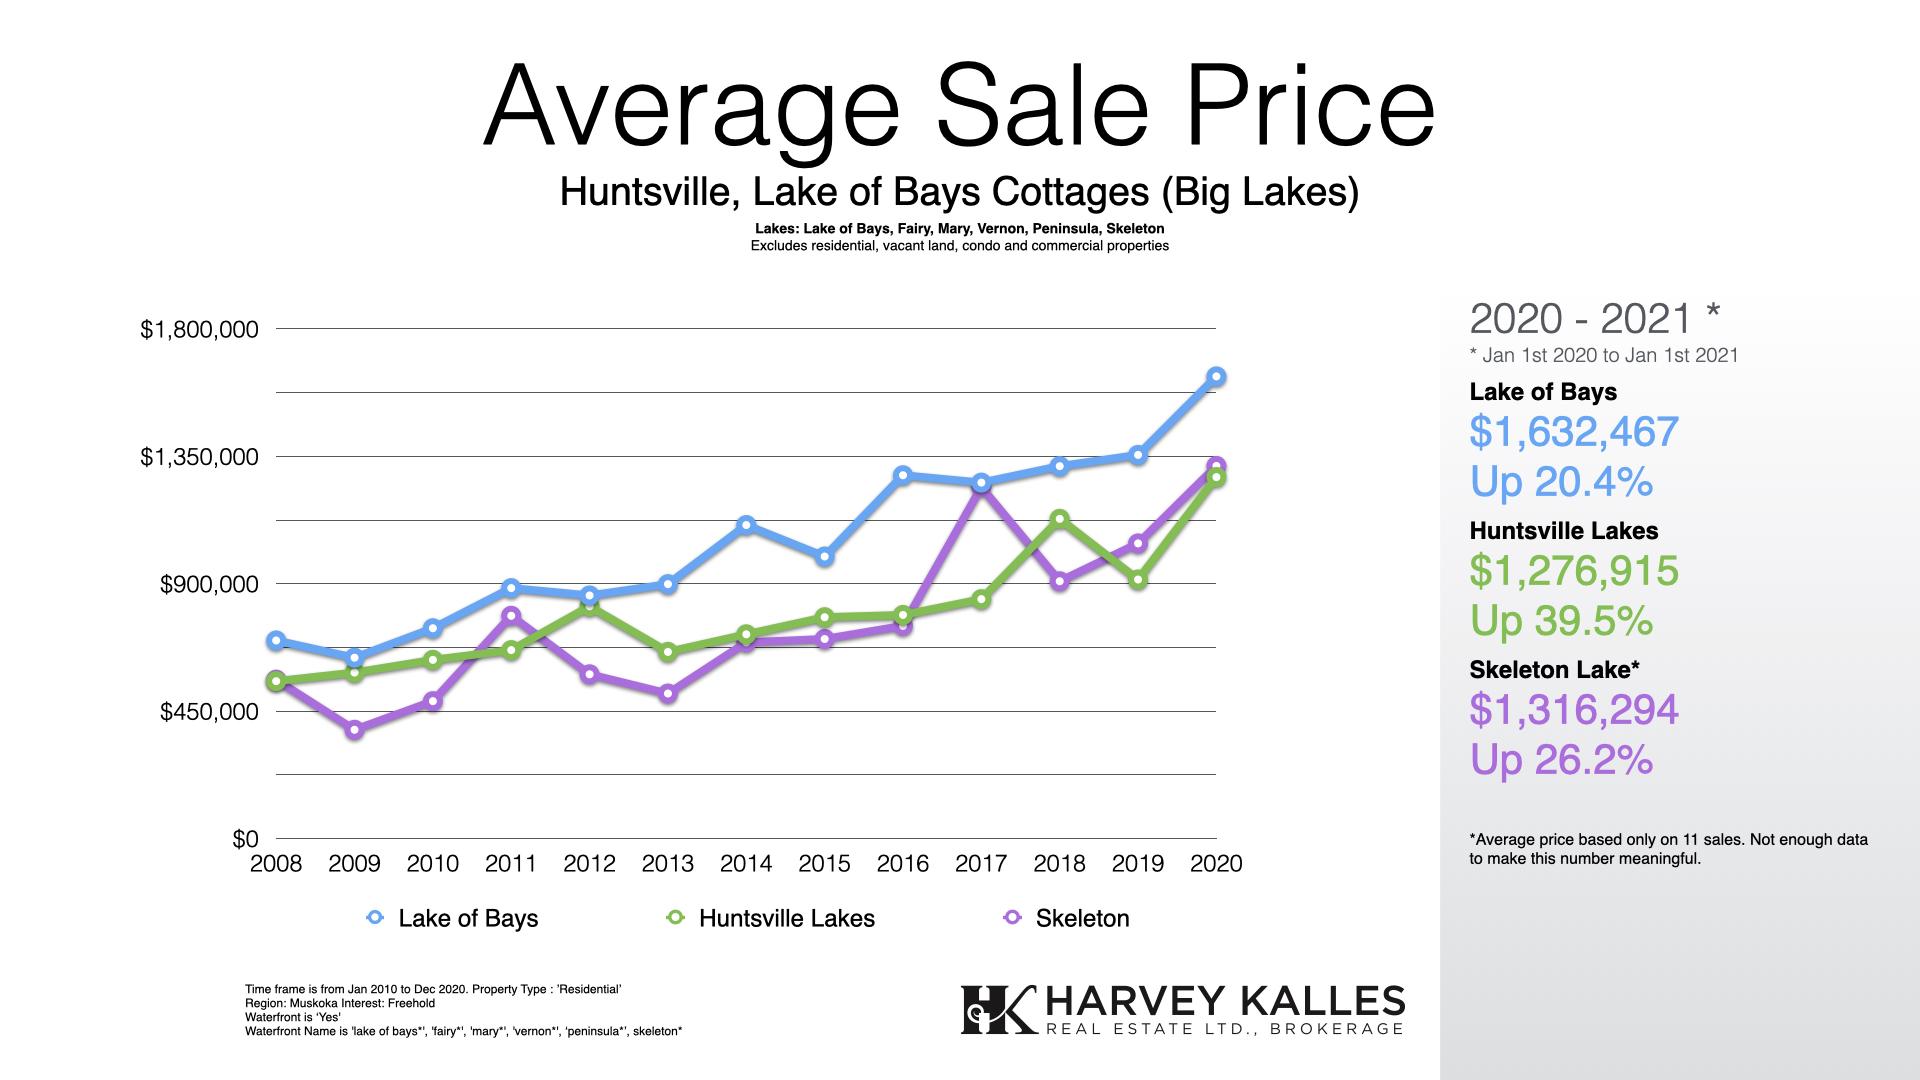 muskokaa-big-lakes-cottage-real-estate-average-lake-of-bays-huntsville-lakes-skeleton-lake